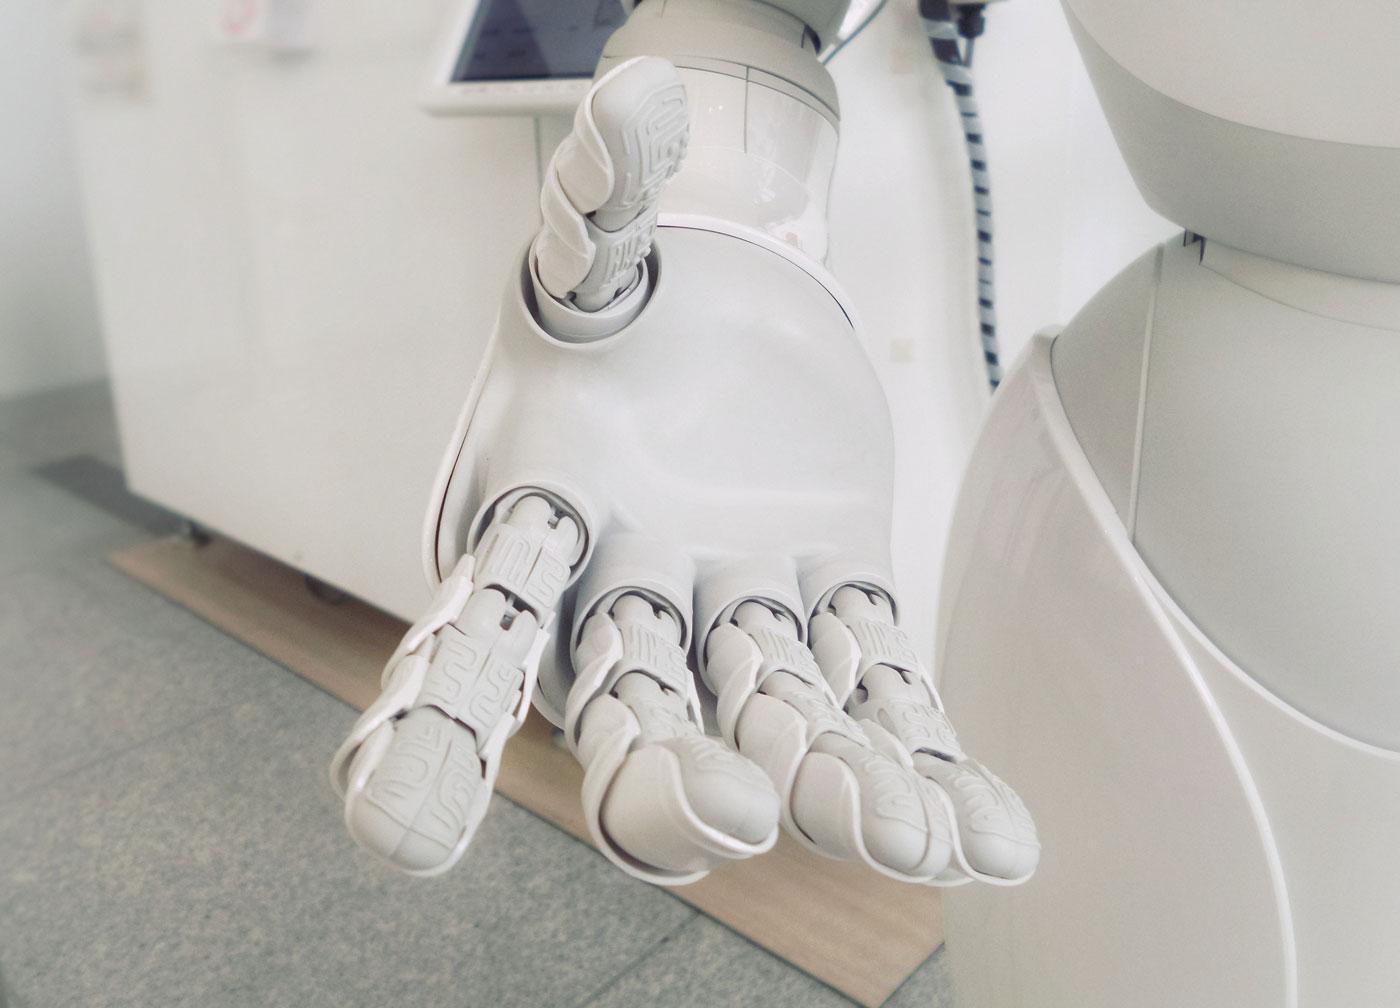 🤖 Google vykorystovuje štučnyj intelekt dlja diagnostyky hvorob — perši pozytyvni testy